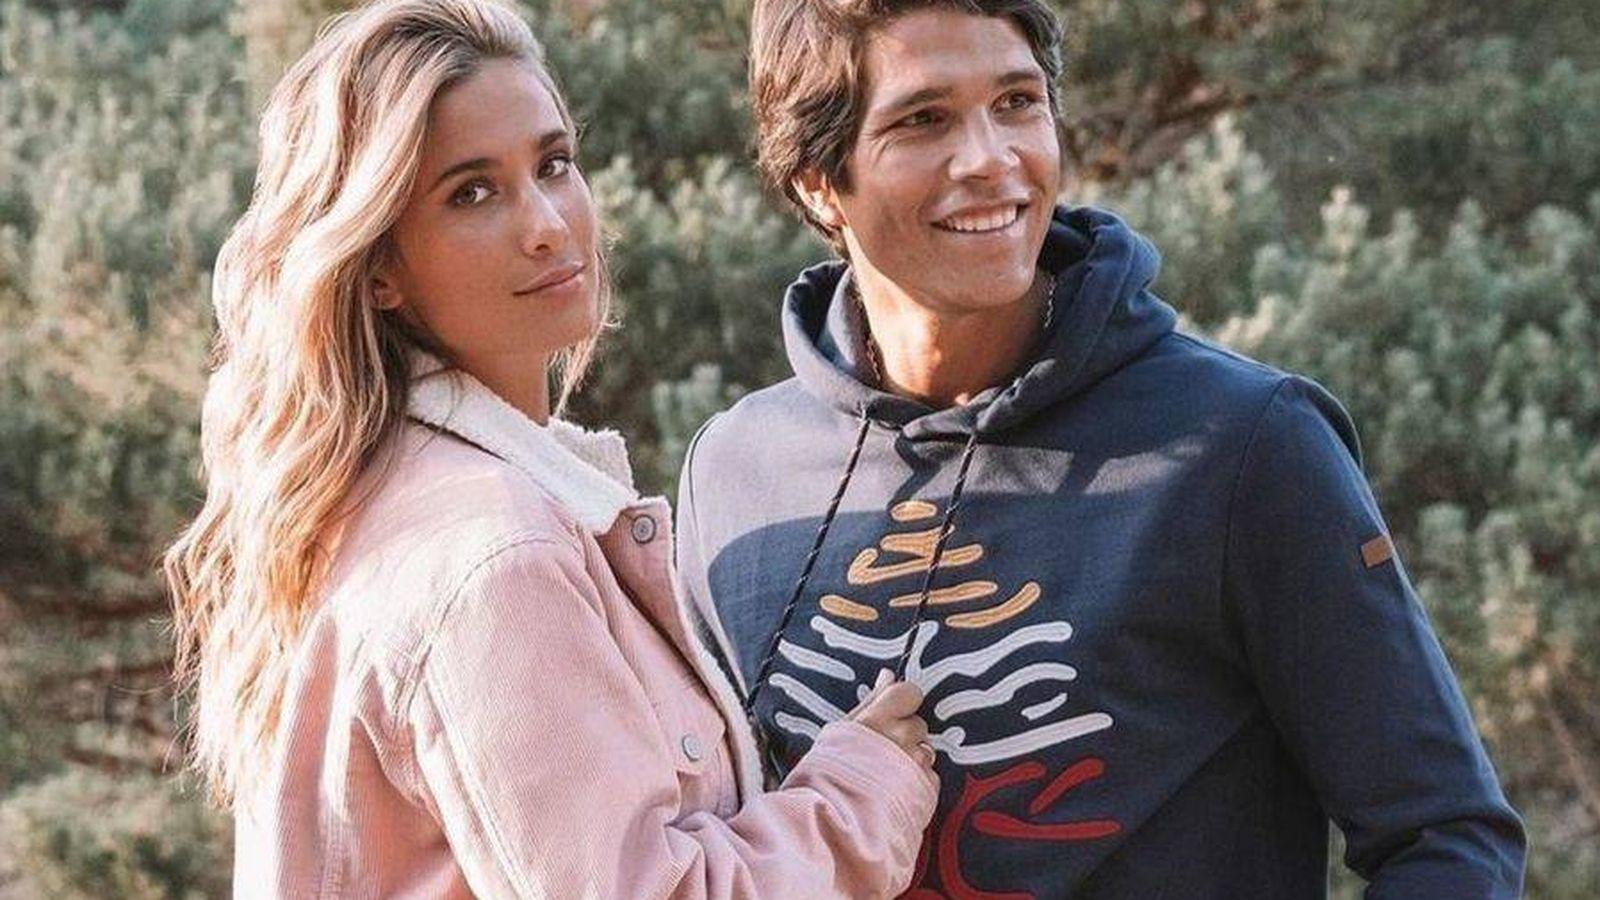 Foto: María Pombo y su marido, Pablo Castellanos, con prendas de la colección 'Reconsider'. (@springfield)